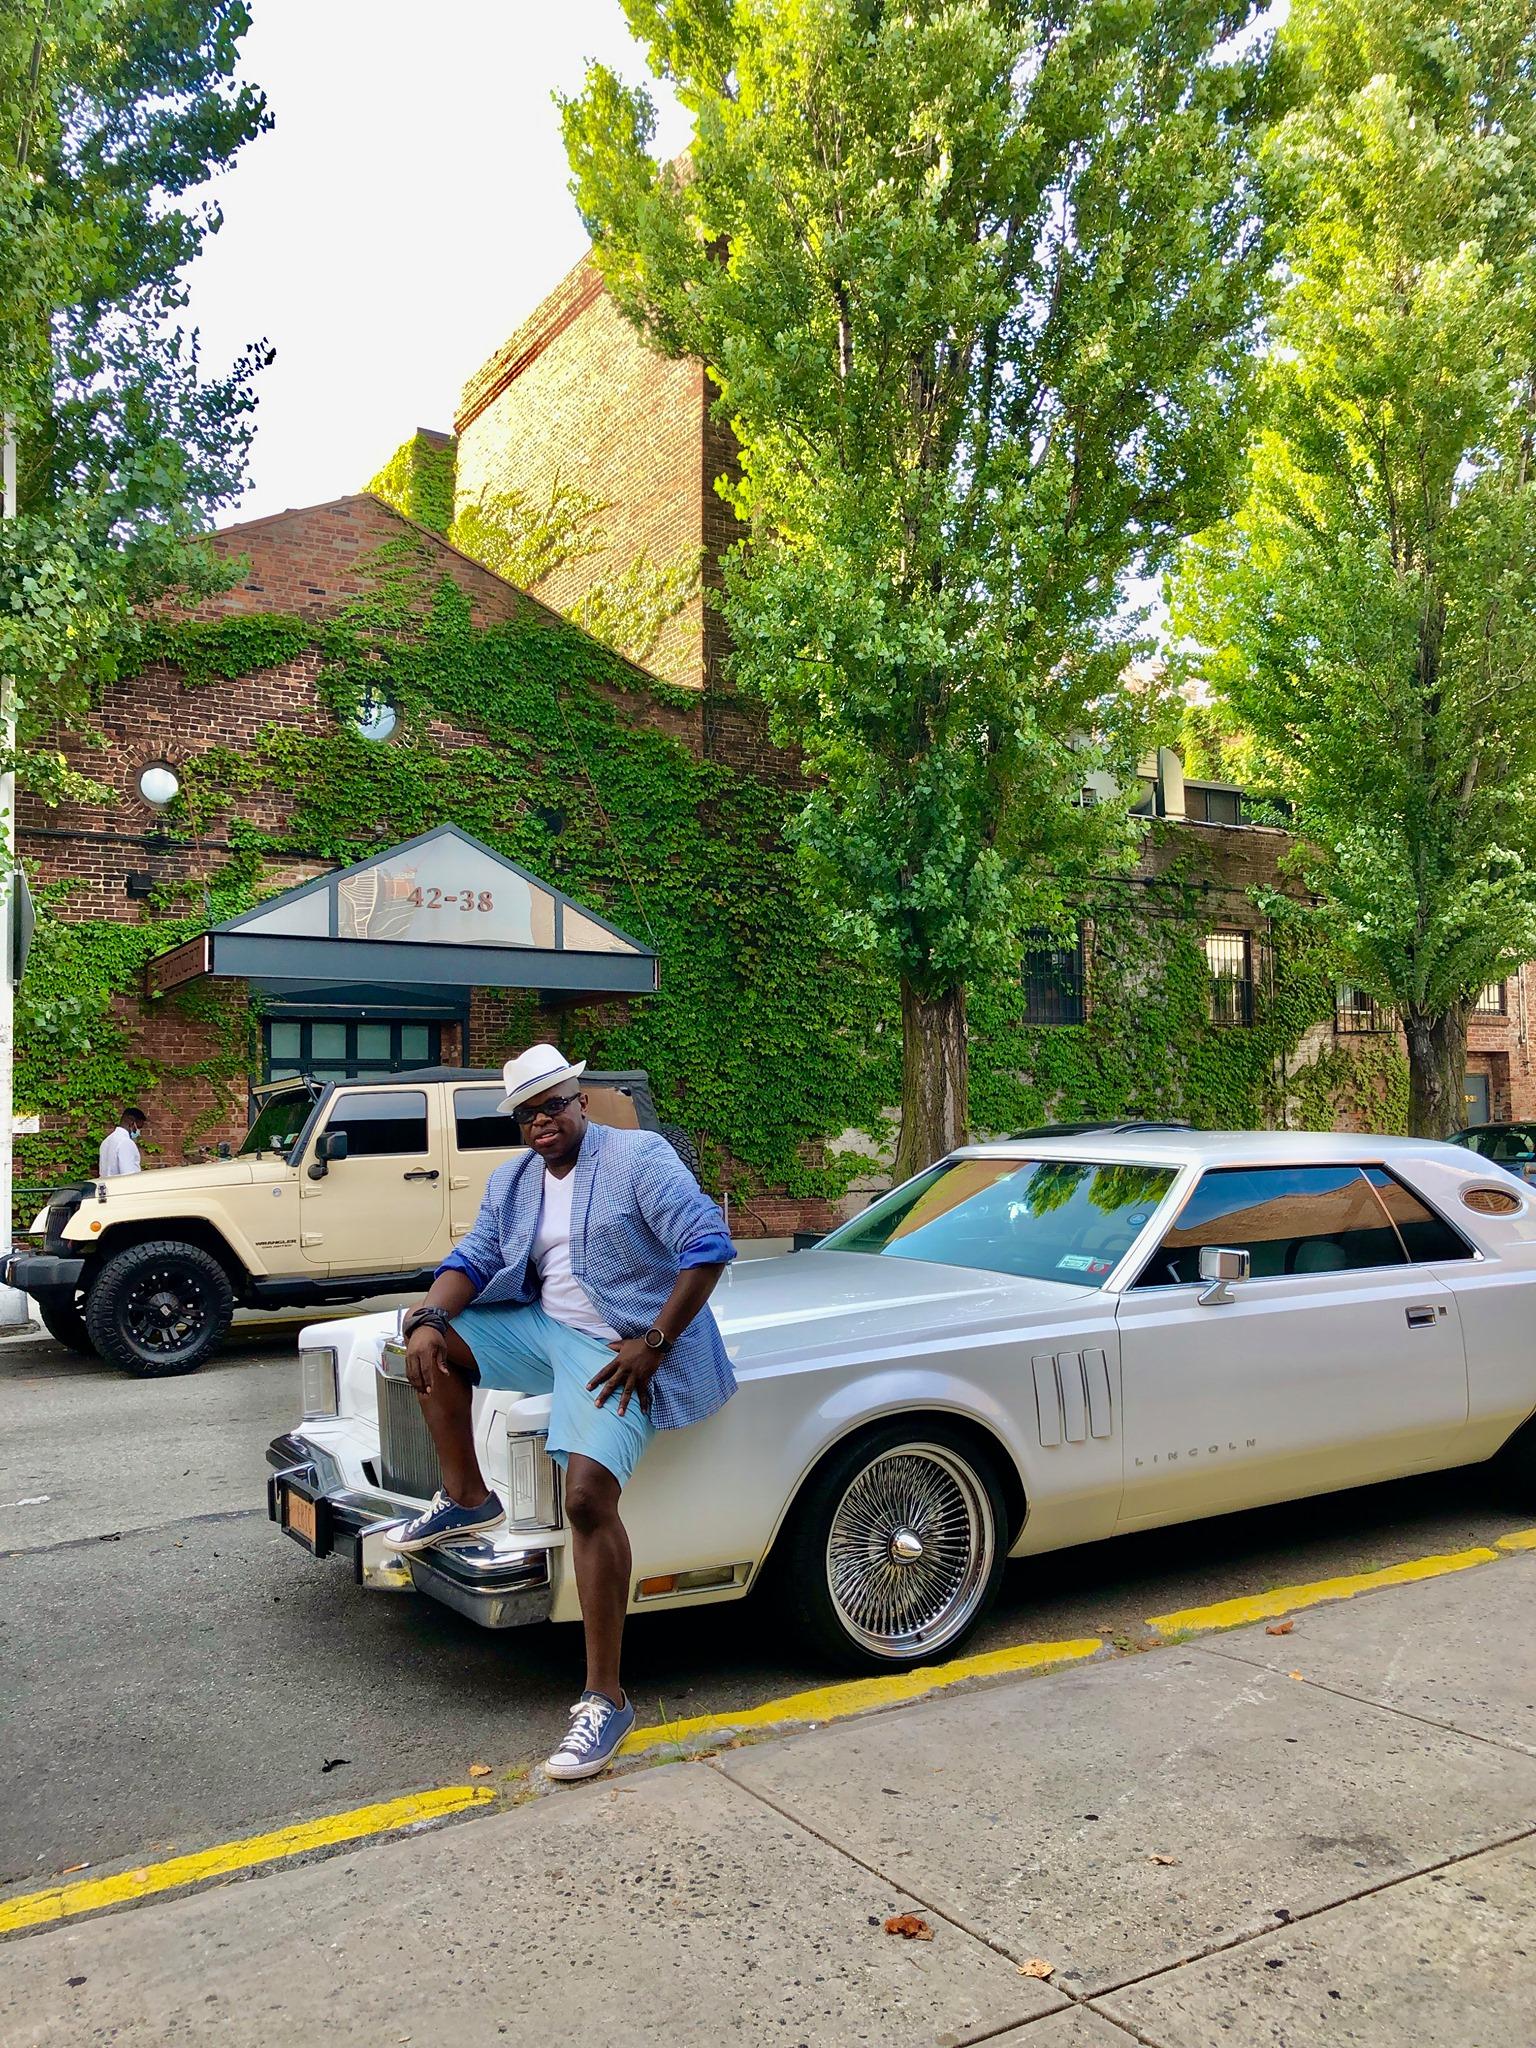 Rollin' in my '77...